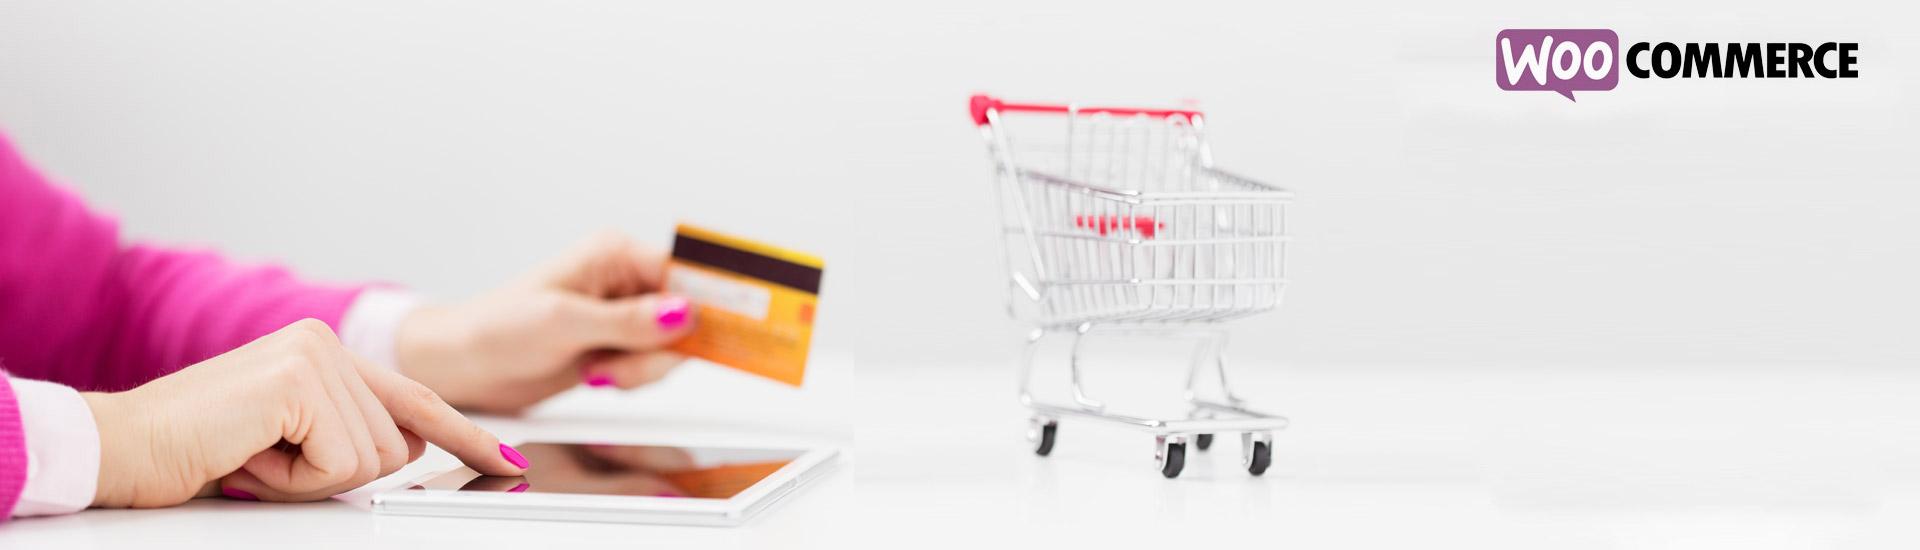 Idee e Soluzioni Agenzia di Marketing e Comunicazione WooCommerce e tutti i vantaggi per il tuo Business